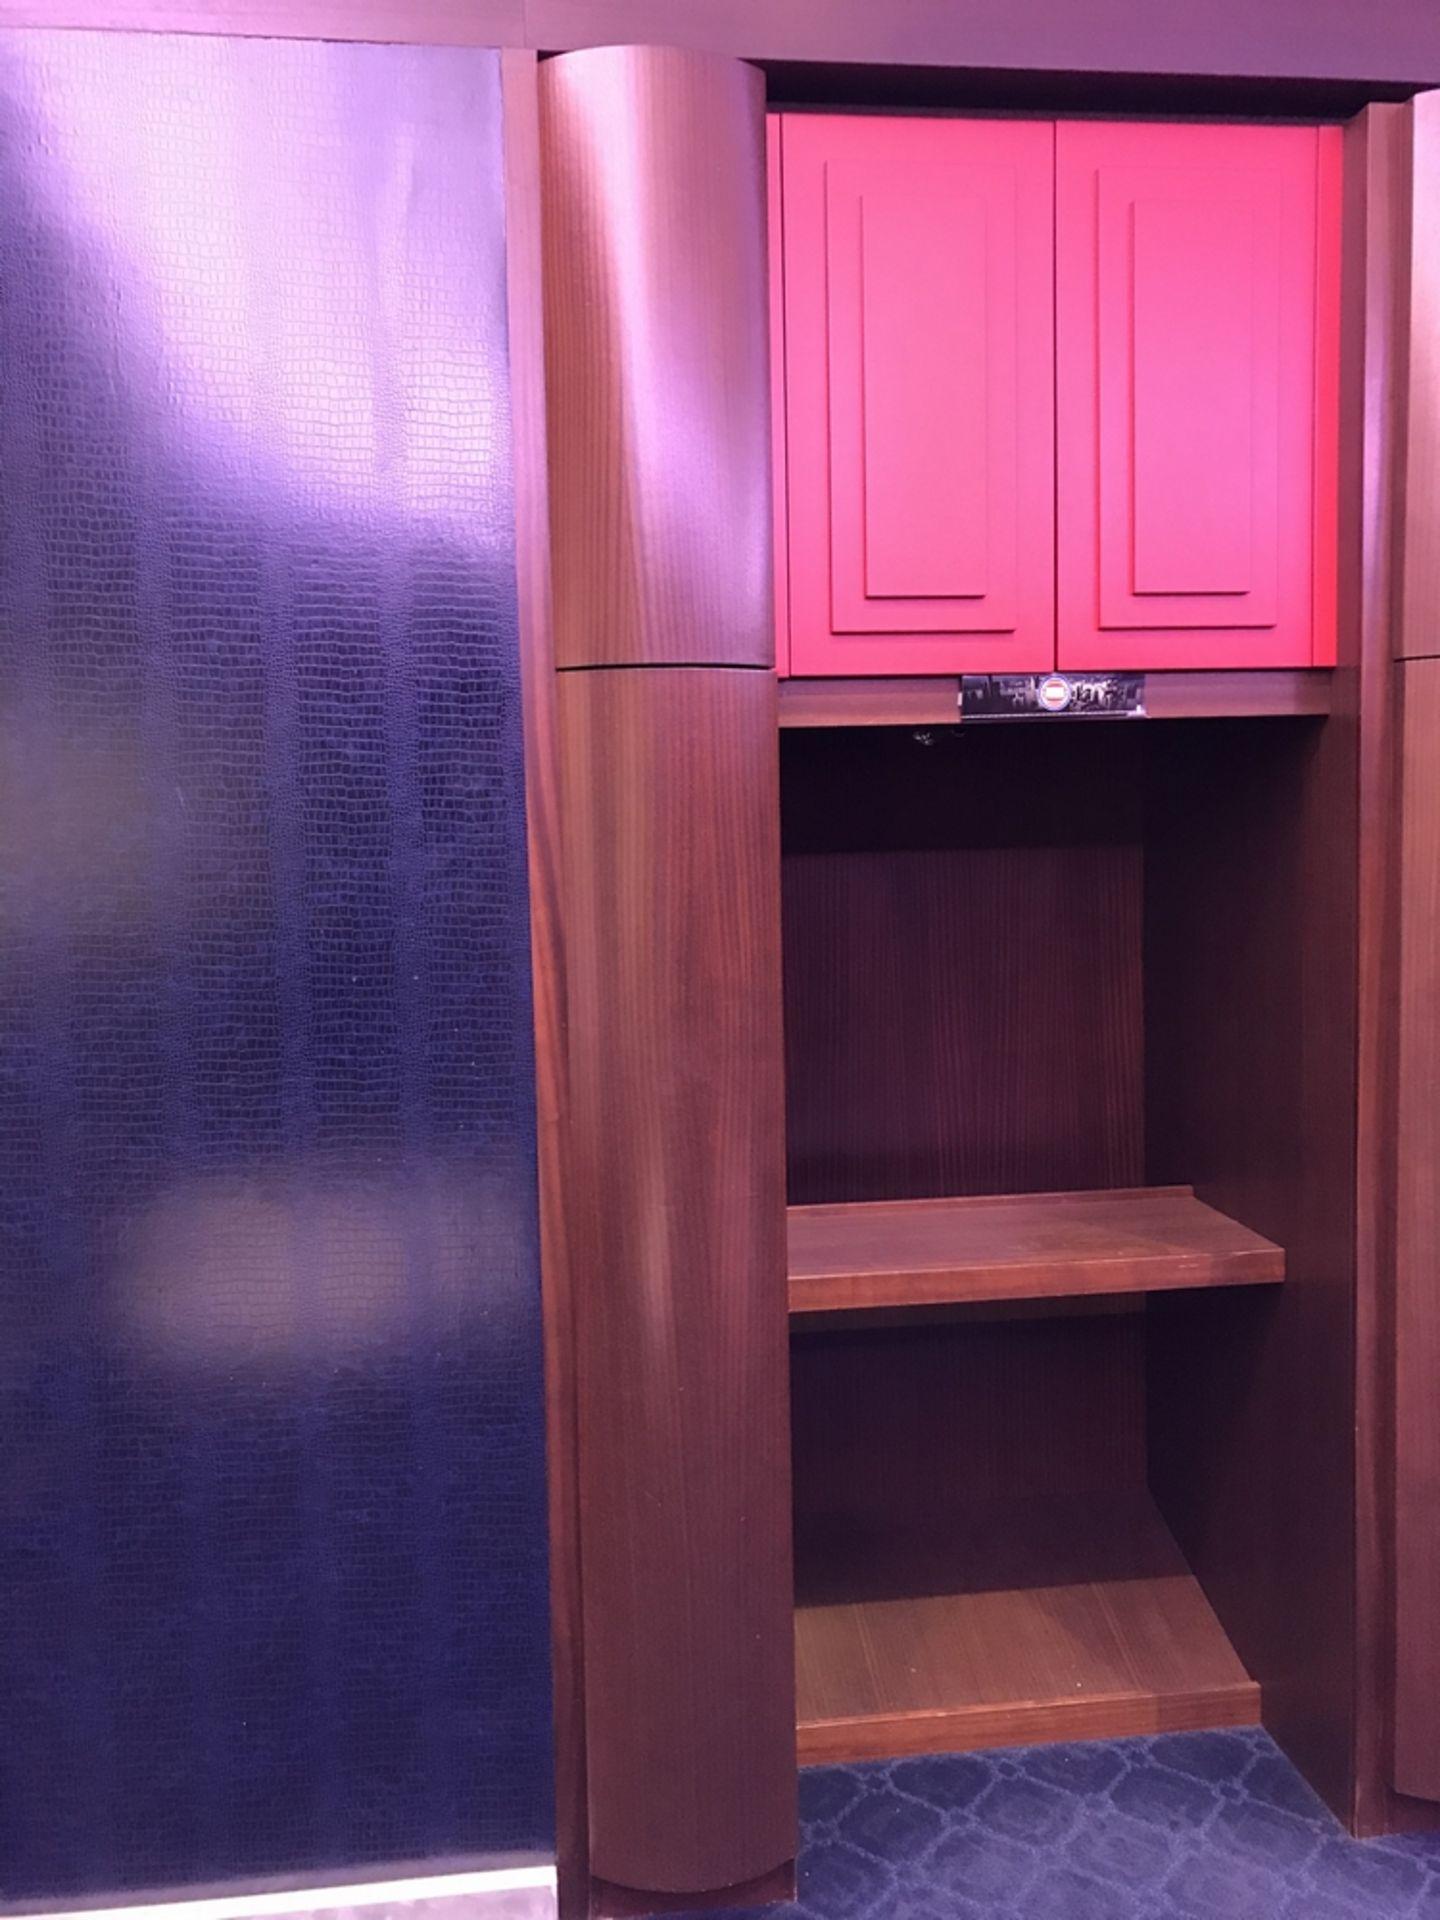 Lot 17 - Piston Player Locker , Dim. 64 in w x 107 in h x 35 in d , Location: Locker Room ***Note from